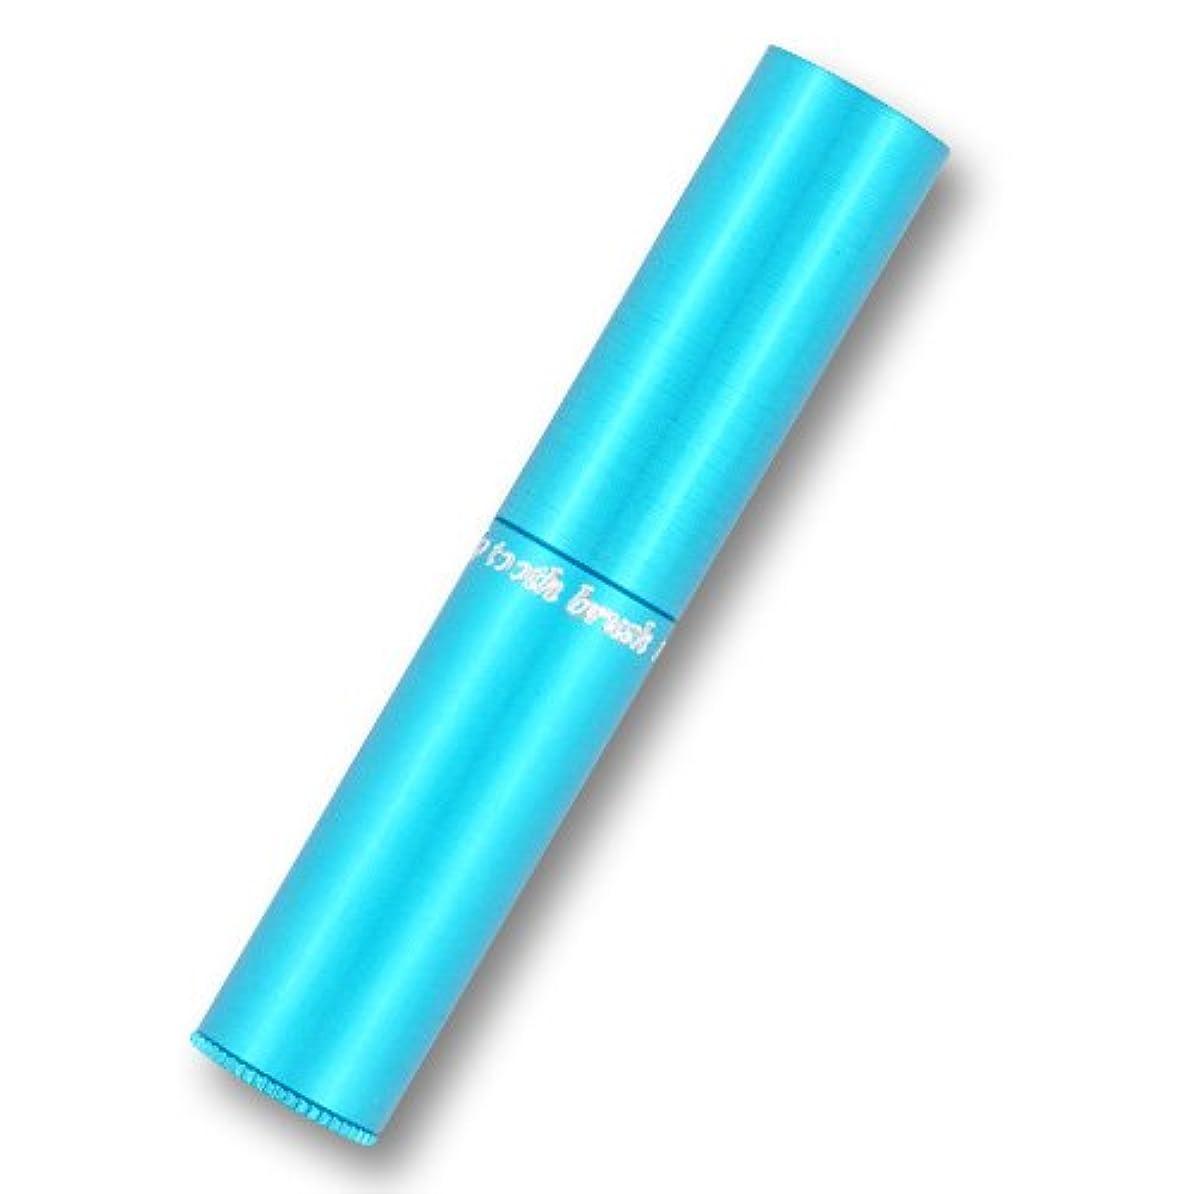 探検おもしろい一般的に言えば携帯歯ブラシ?タベタラmigaCO(ブルー)